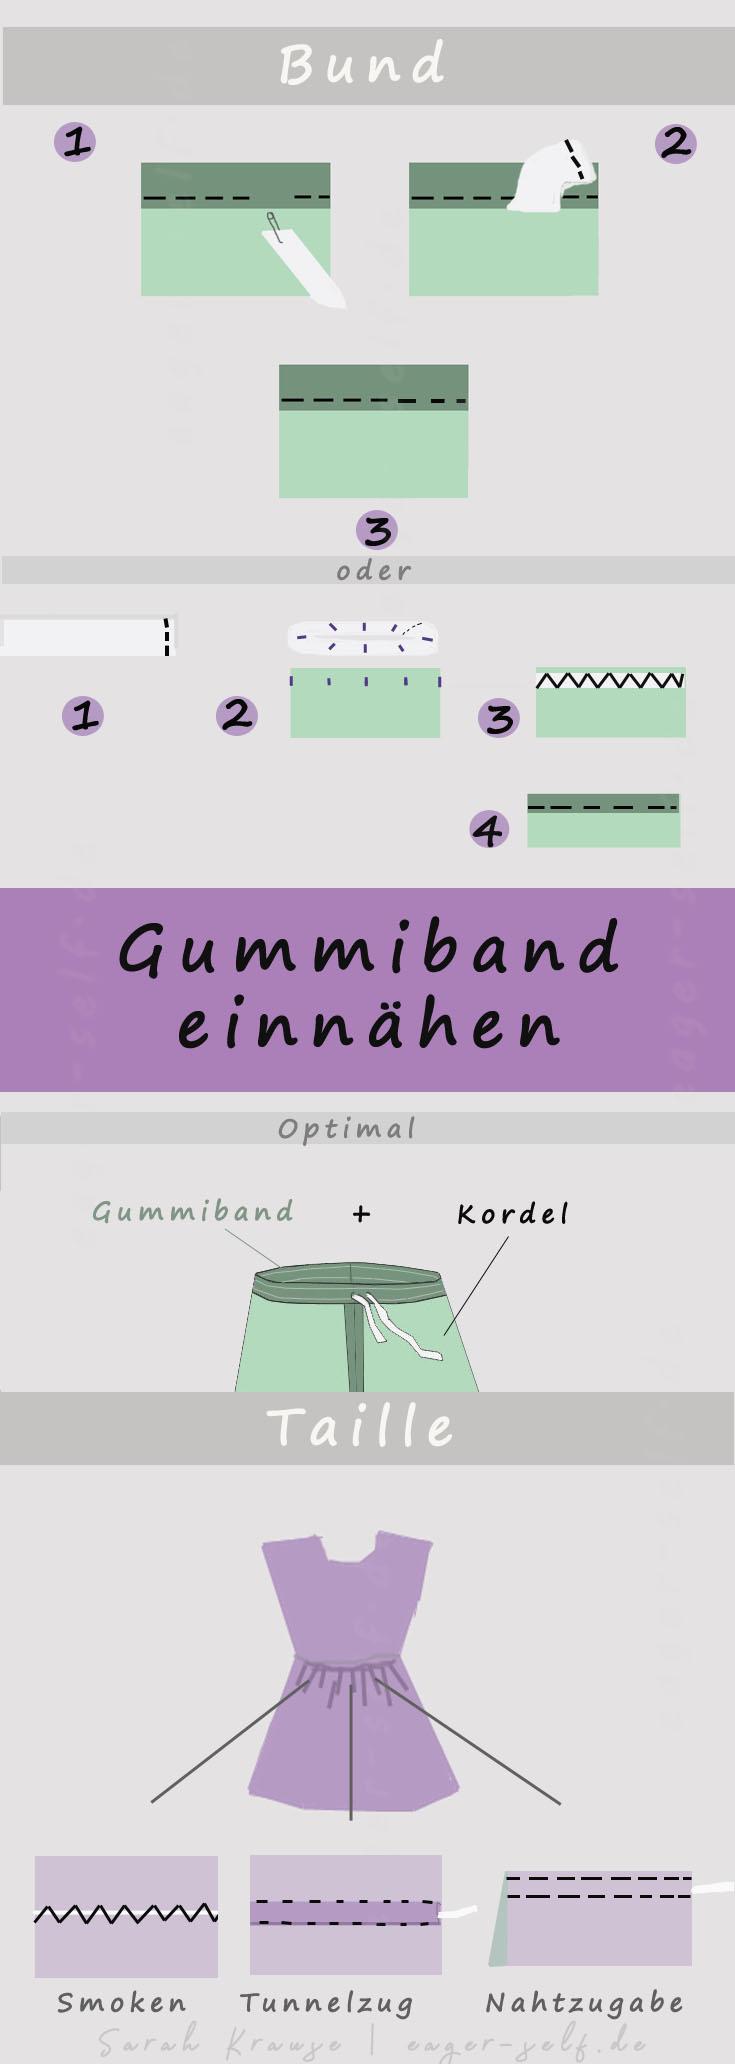 Gummiband einnähen - Die verschiedenen Weisen